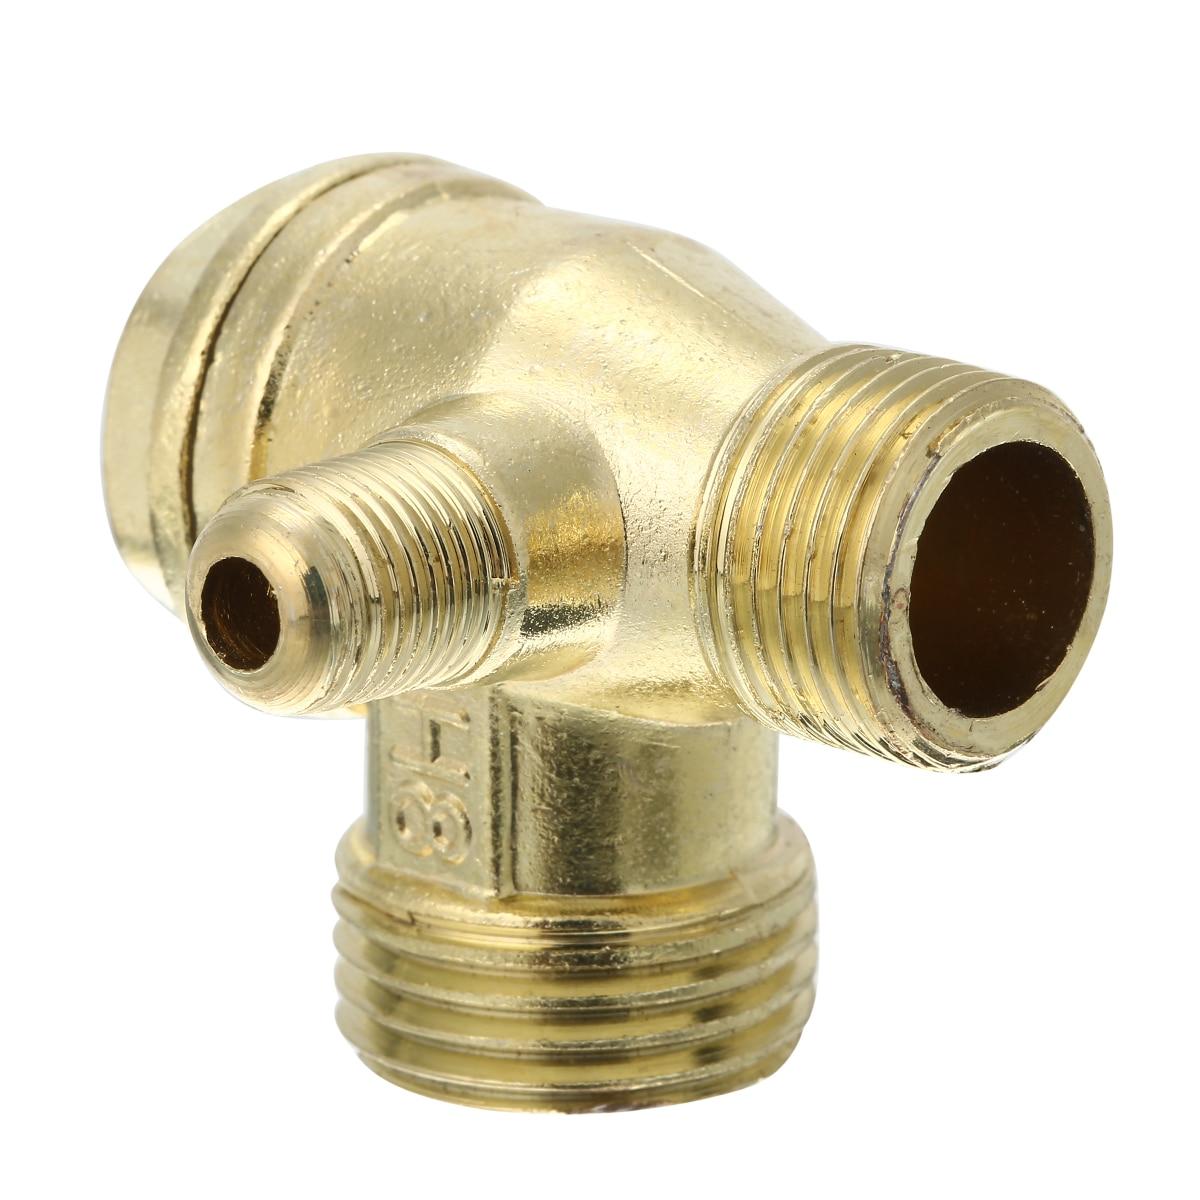 1 шт. 3-портовый алюминиевый сплав мужской резьбовой обратный клапан коннектор чугун 4,1 см х 3,87 см для воздушного компрессора